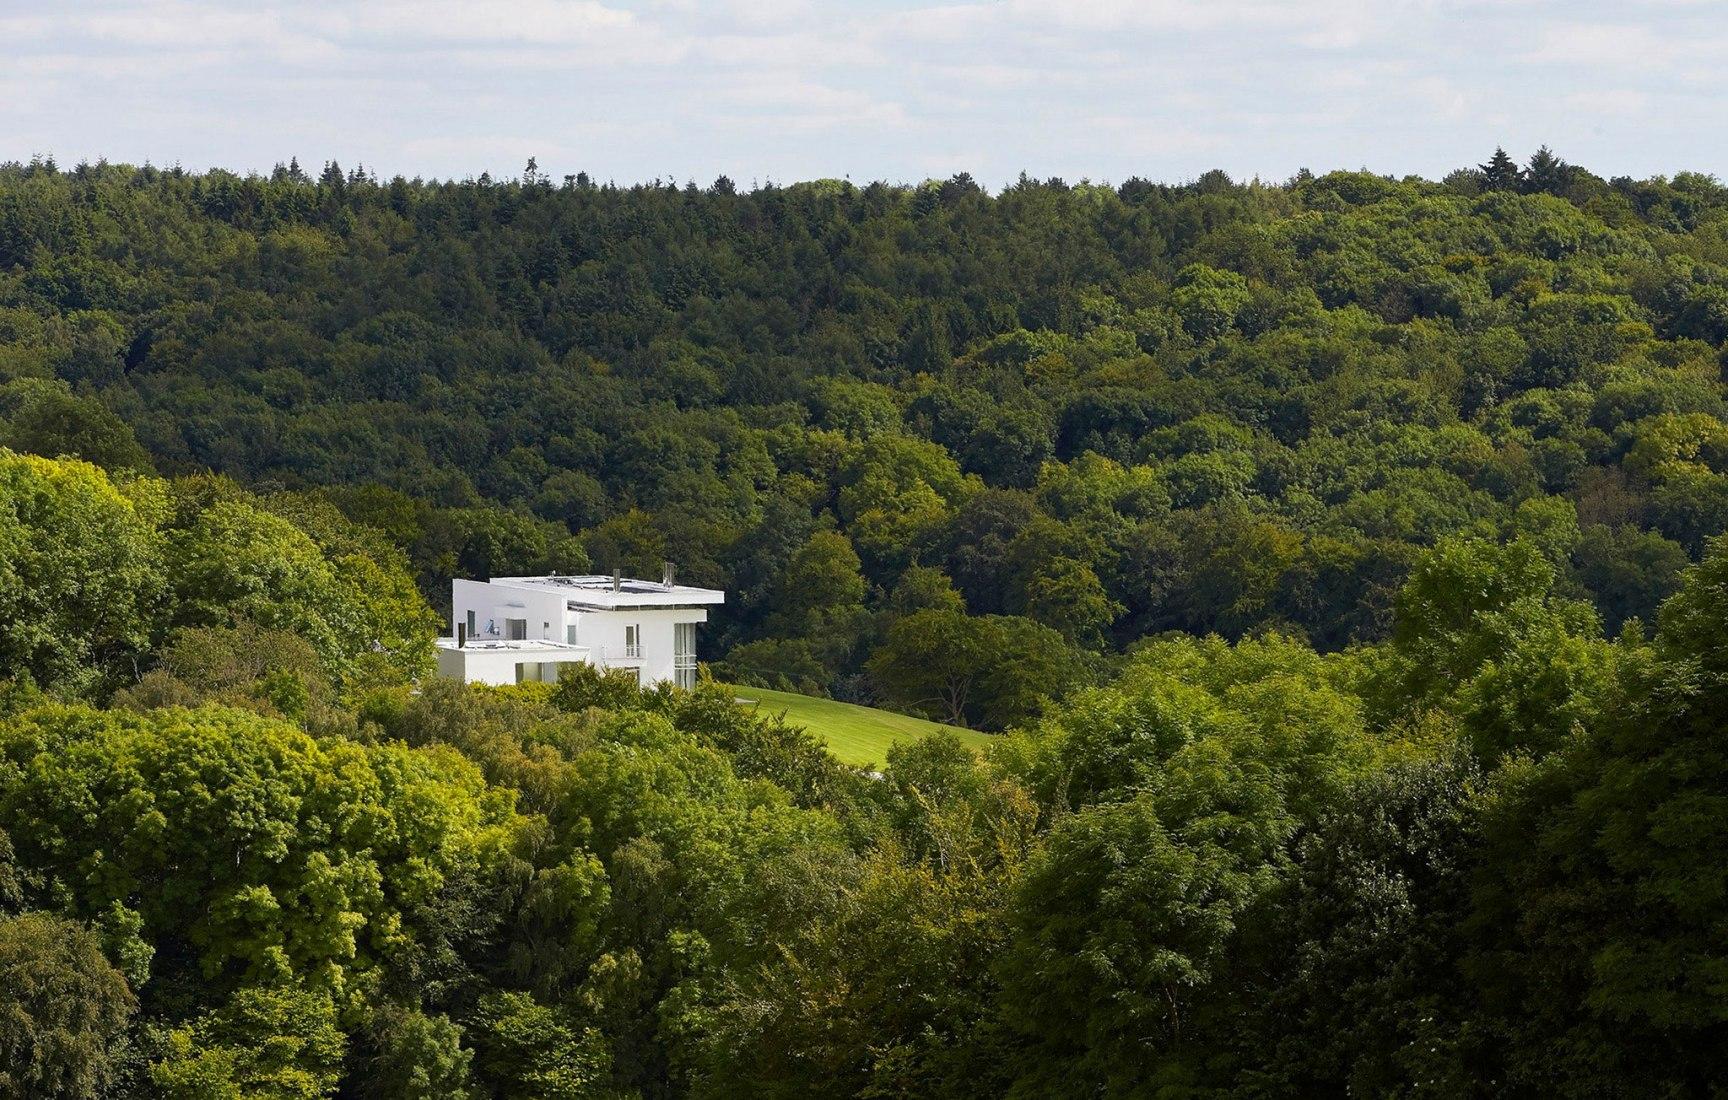 Vista general. Residencia en Oxfordshire por Richard Meier & Partners. Fotografía © Hufton+Crow